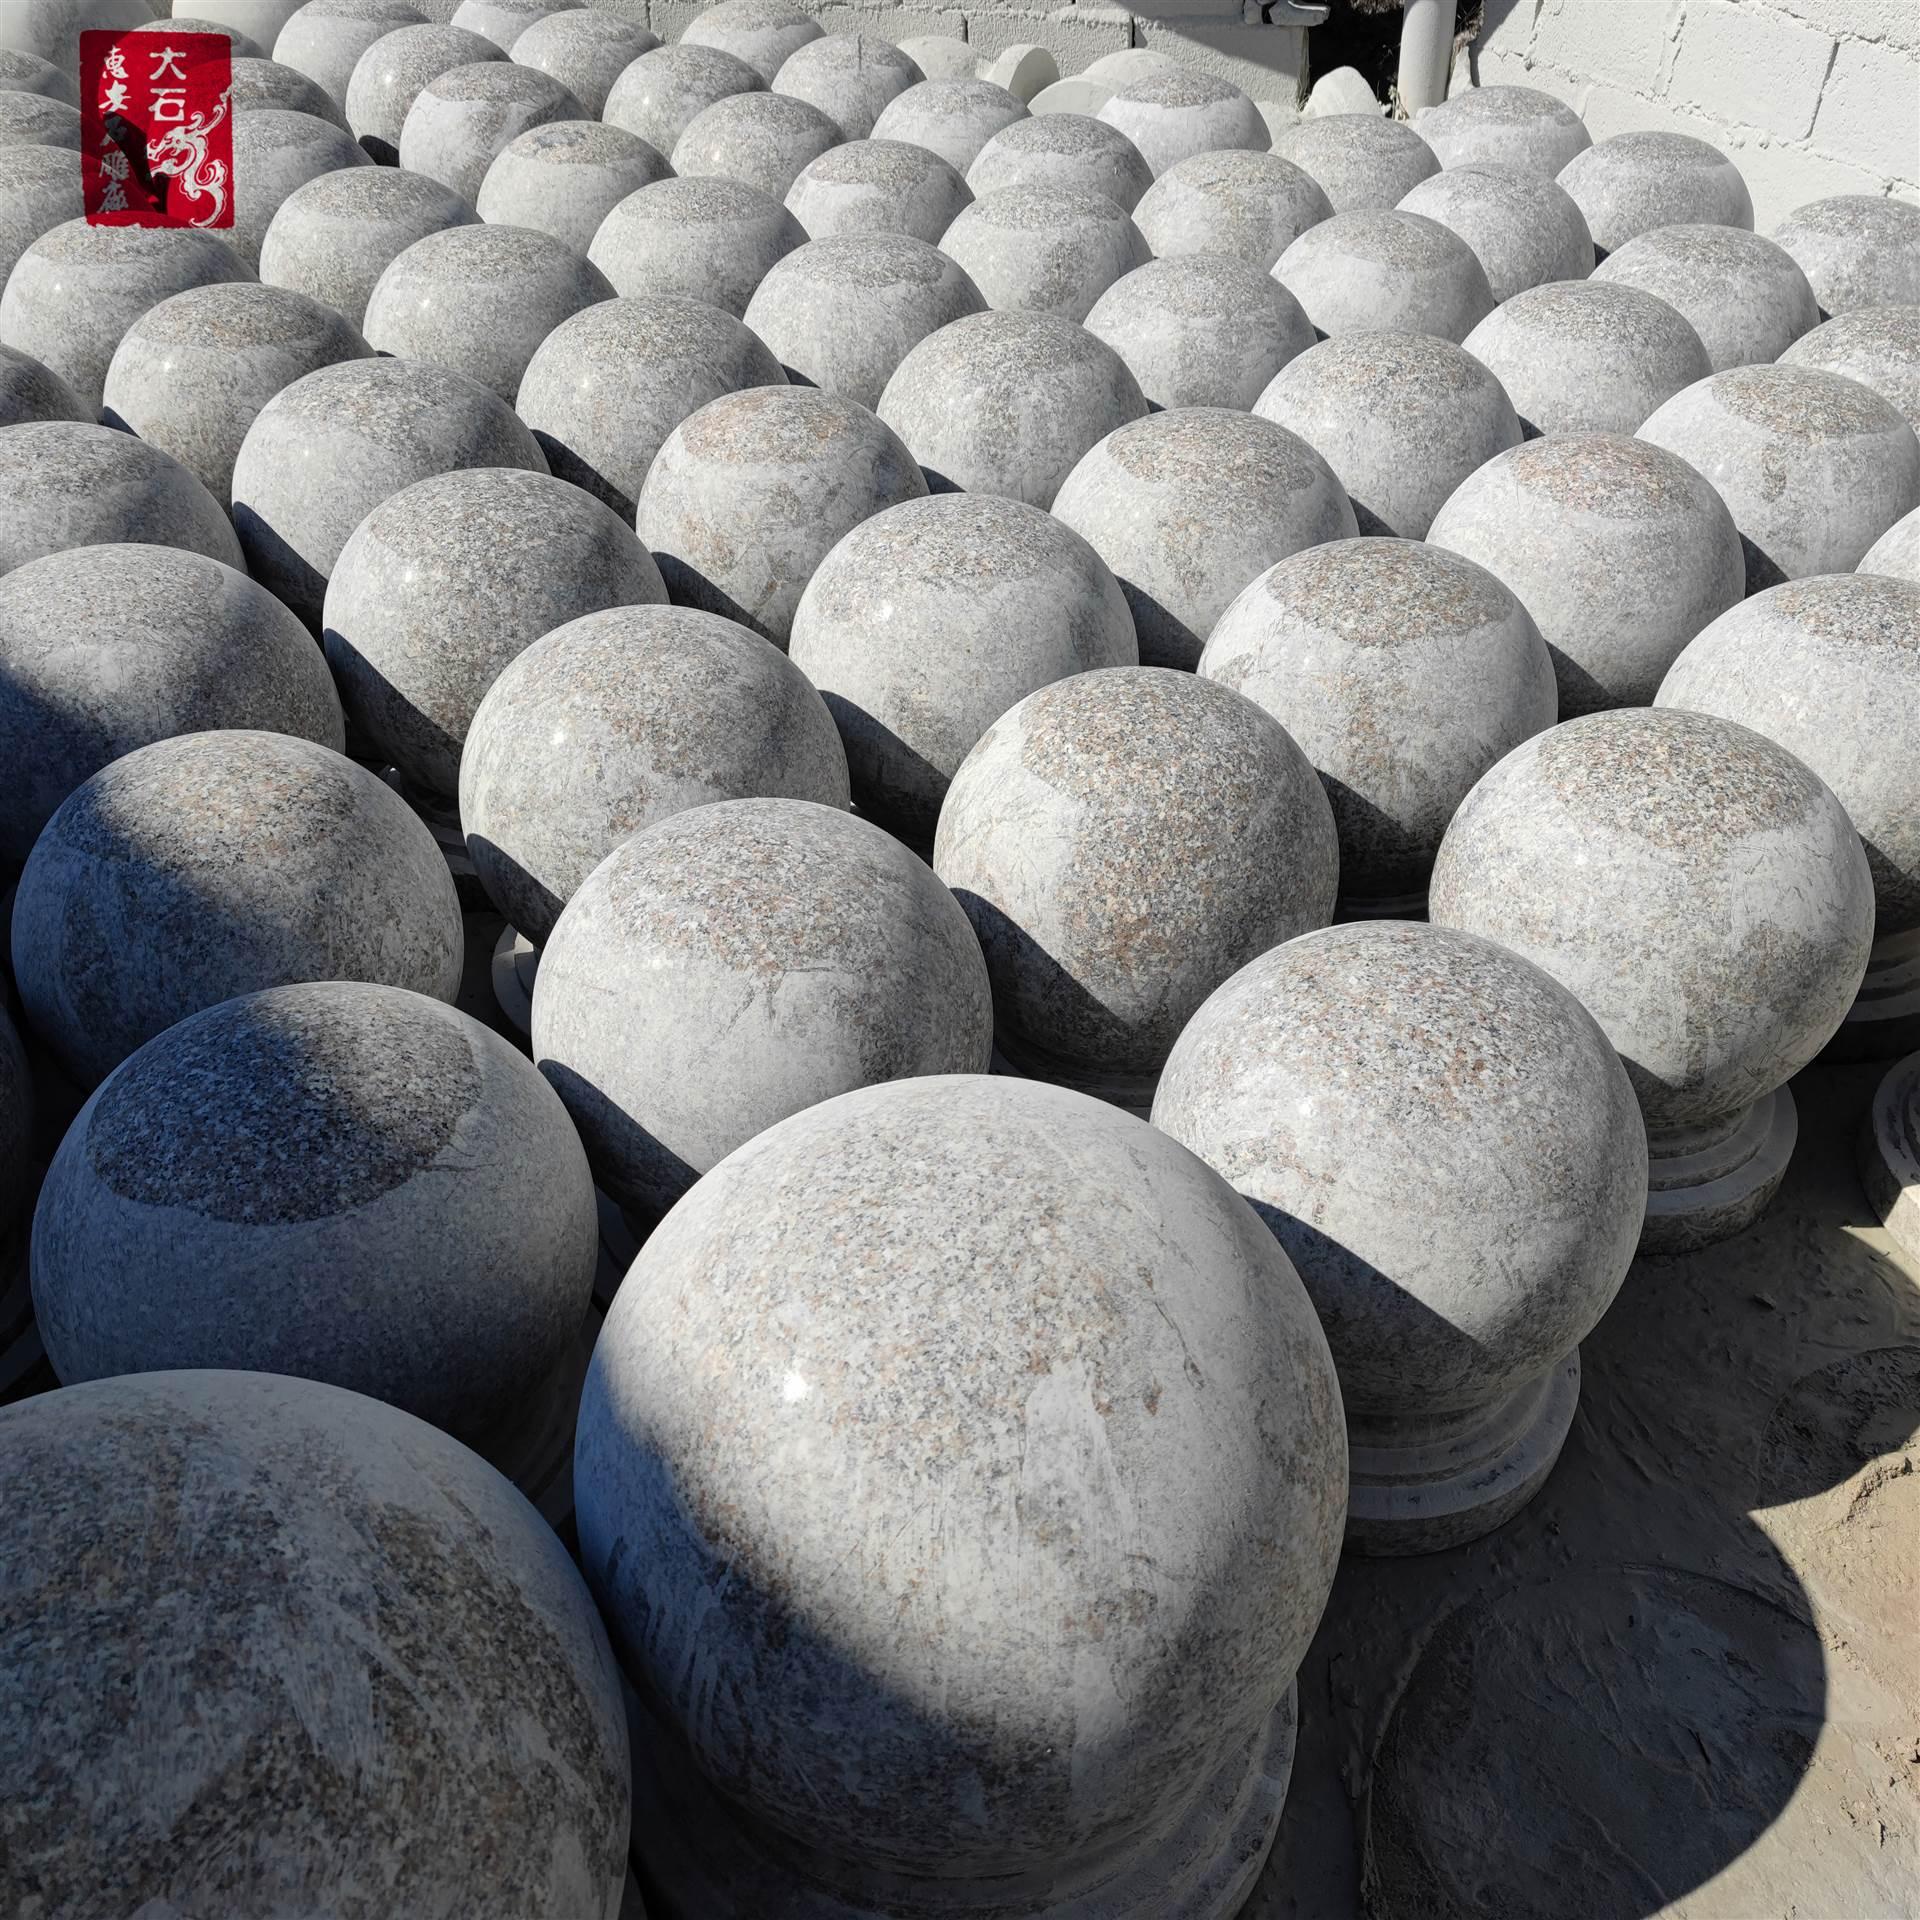 花岗岩圆球 挡车石礅路障石球 大理石石材挡车石柱